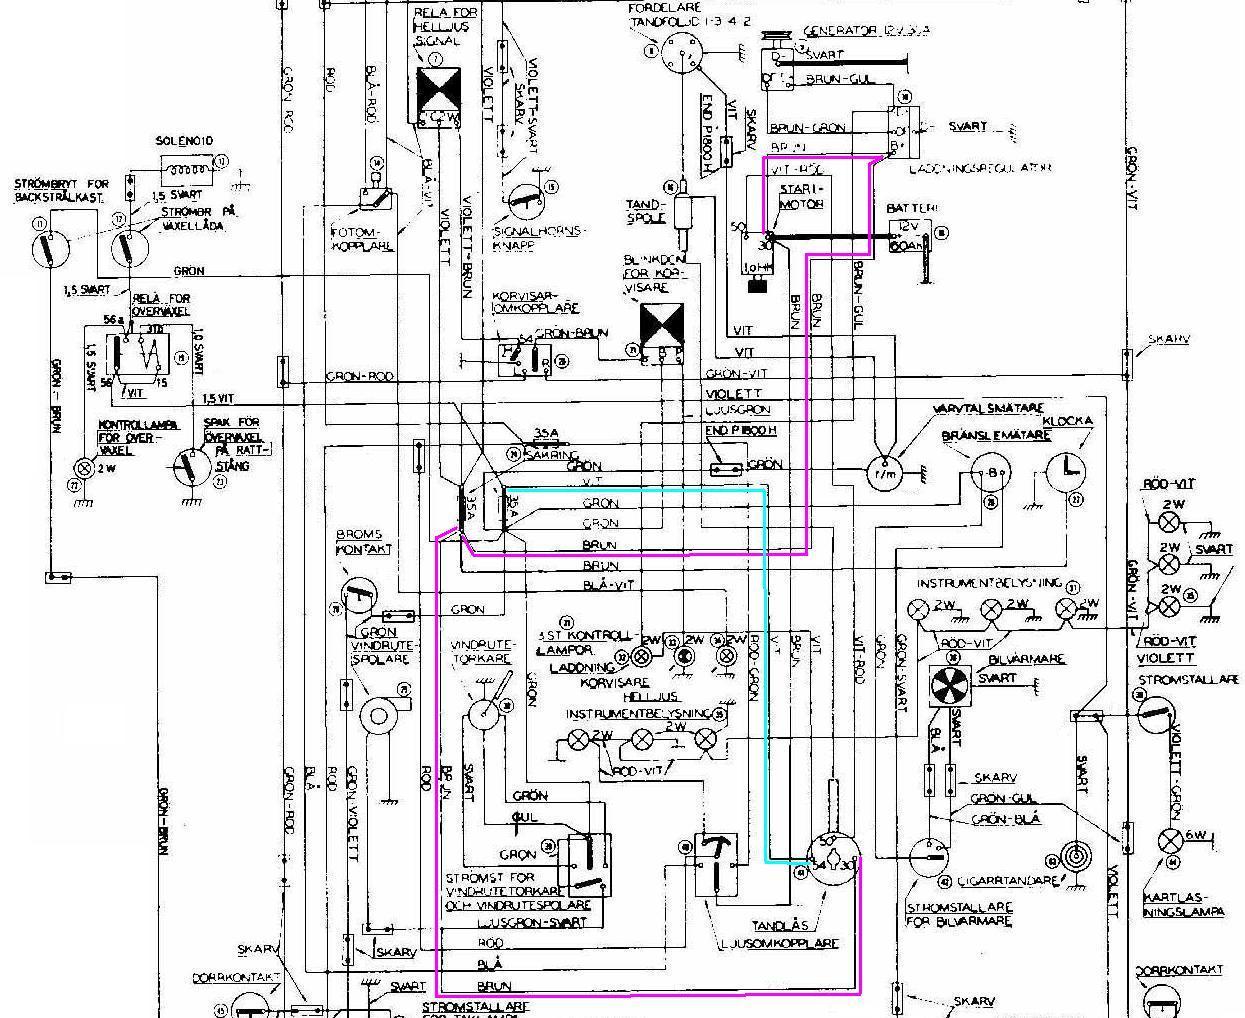 Volvo N10 Wiring Diagram Just Wiring Diagram